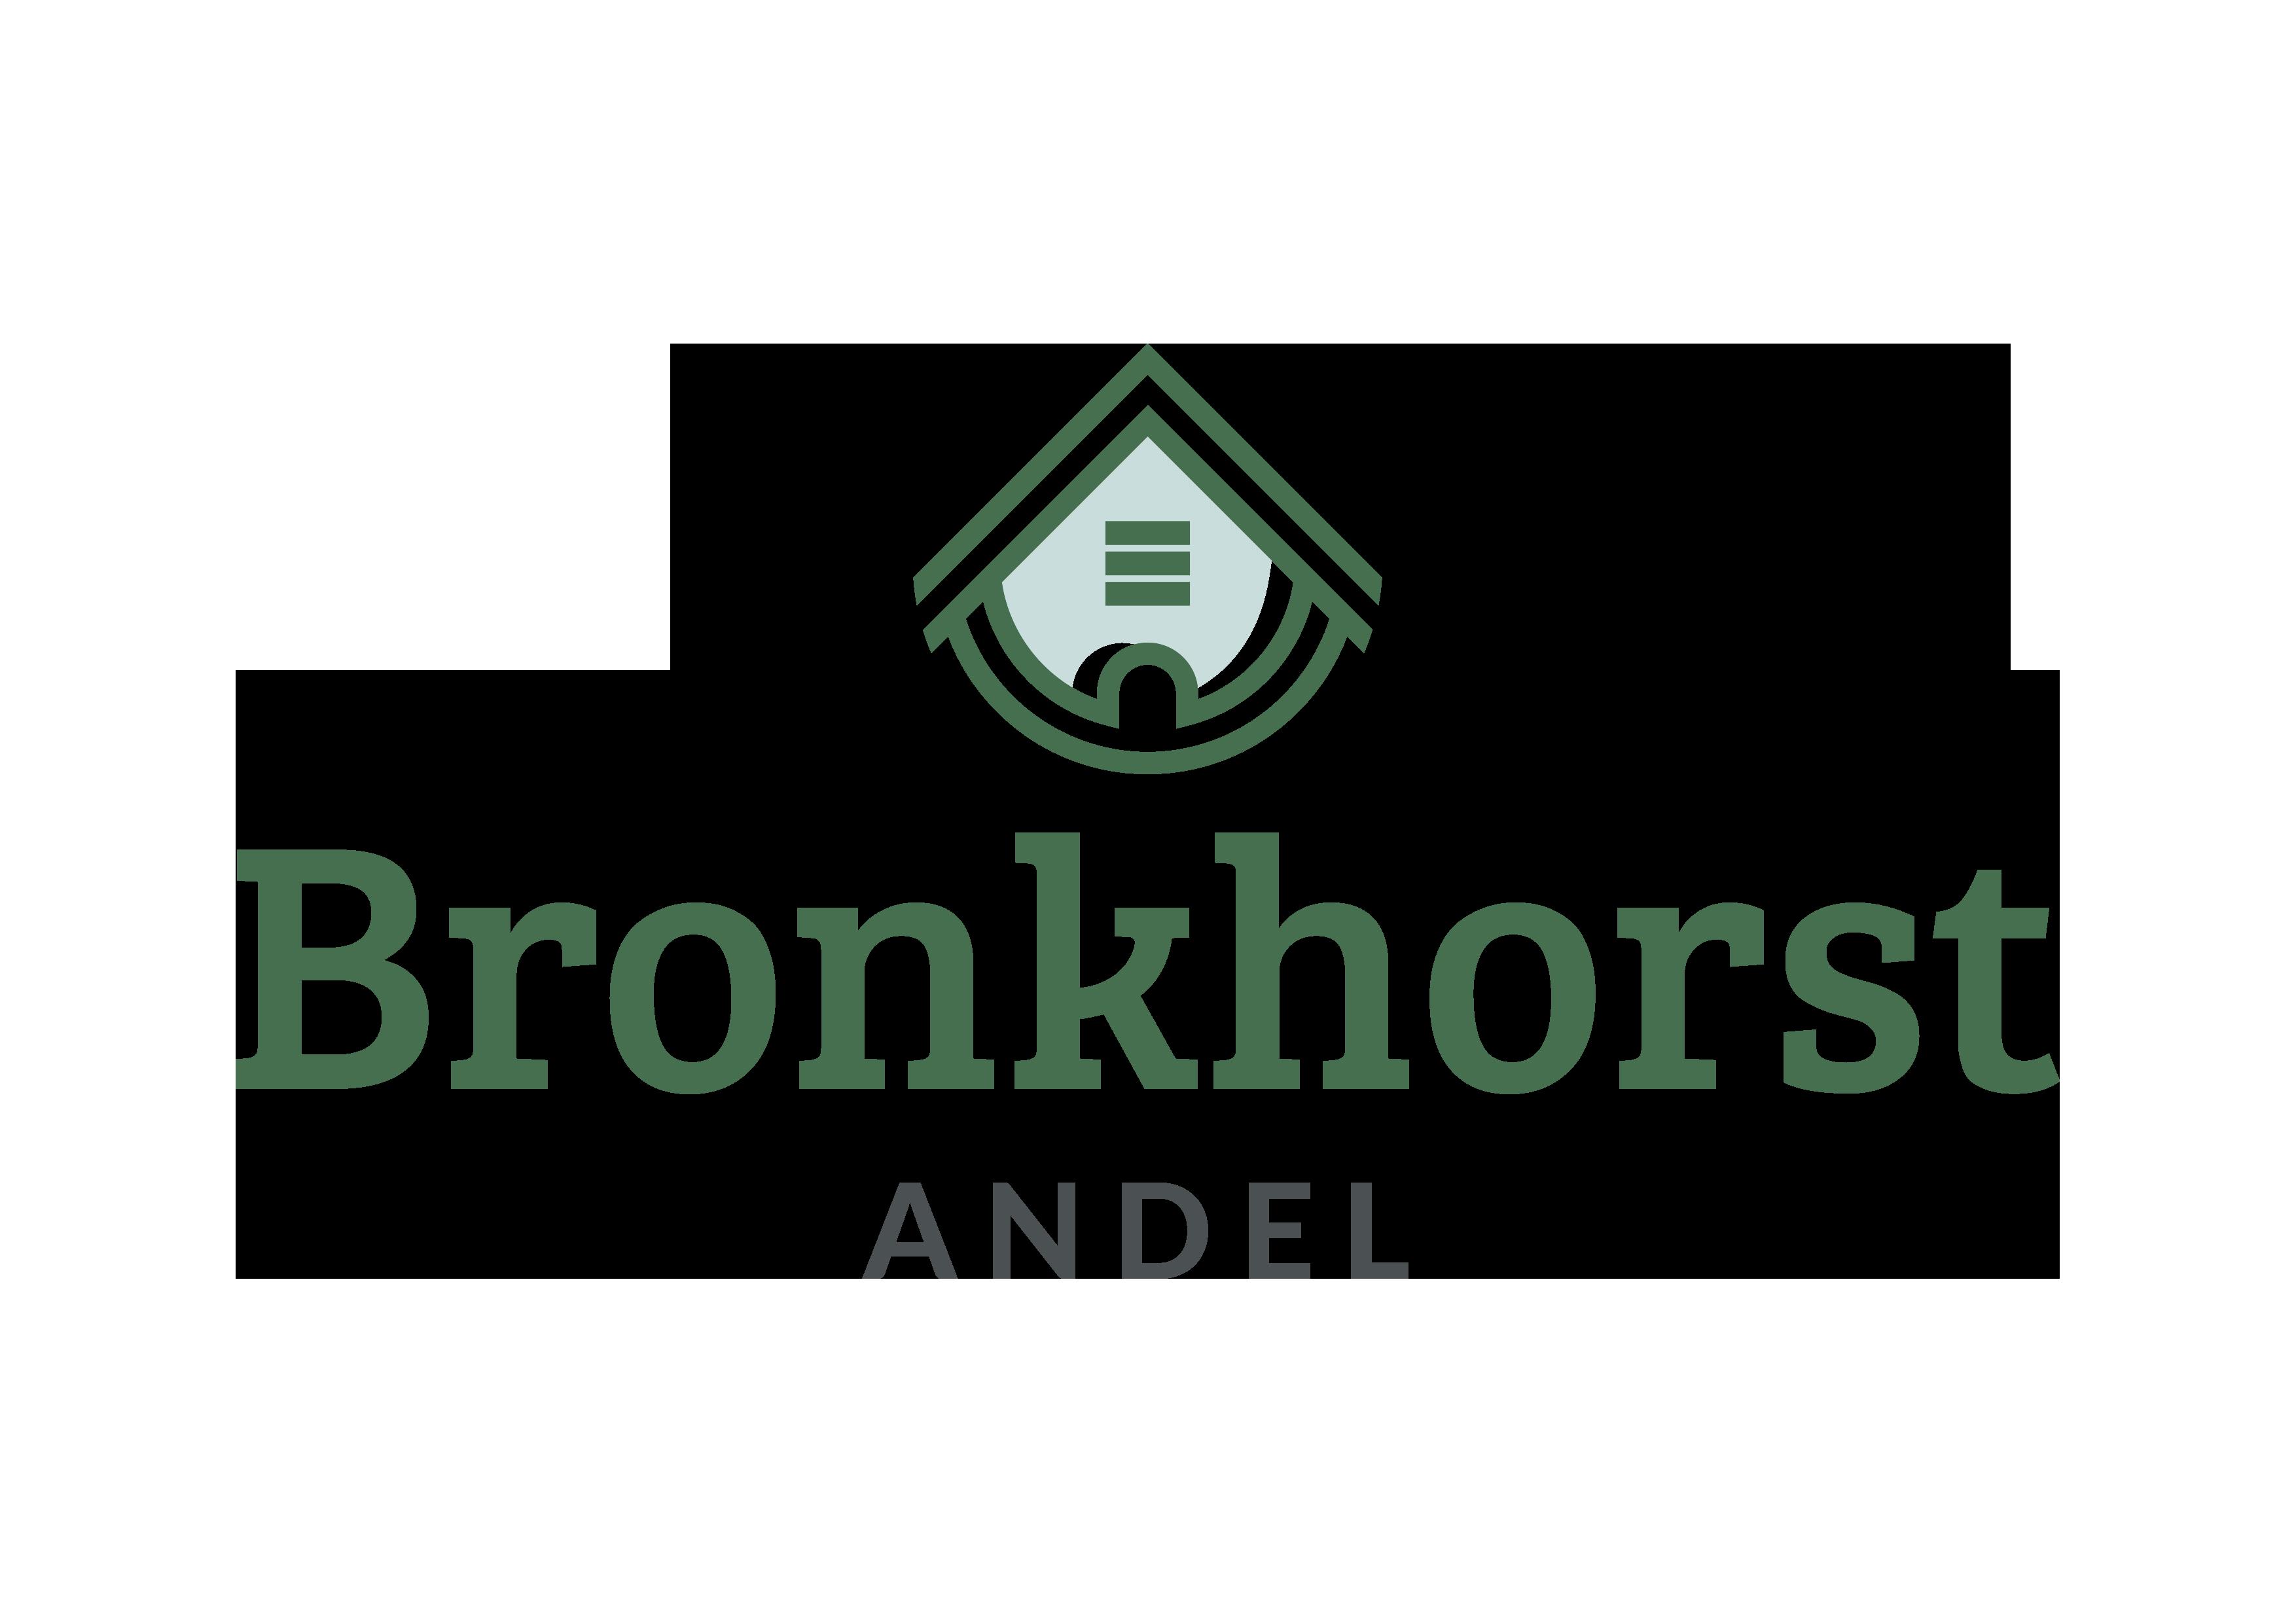 Logo Bronkhorst Andel